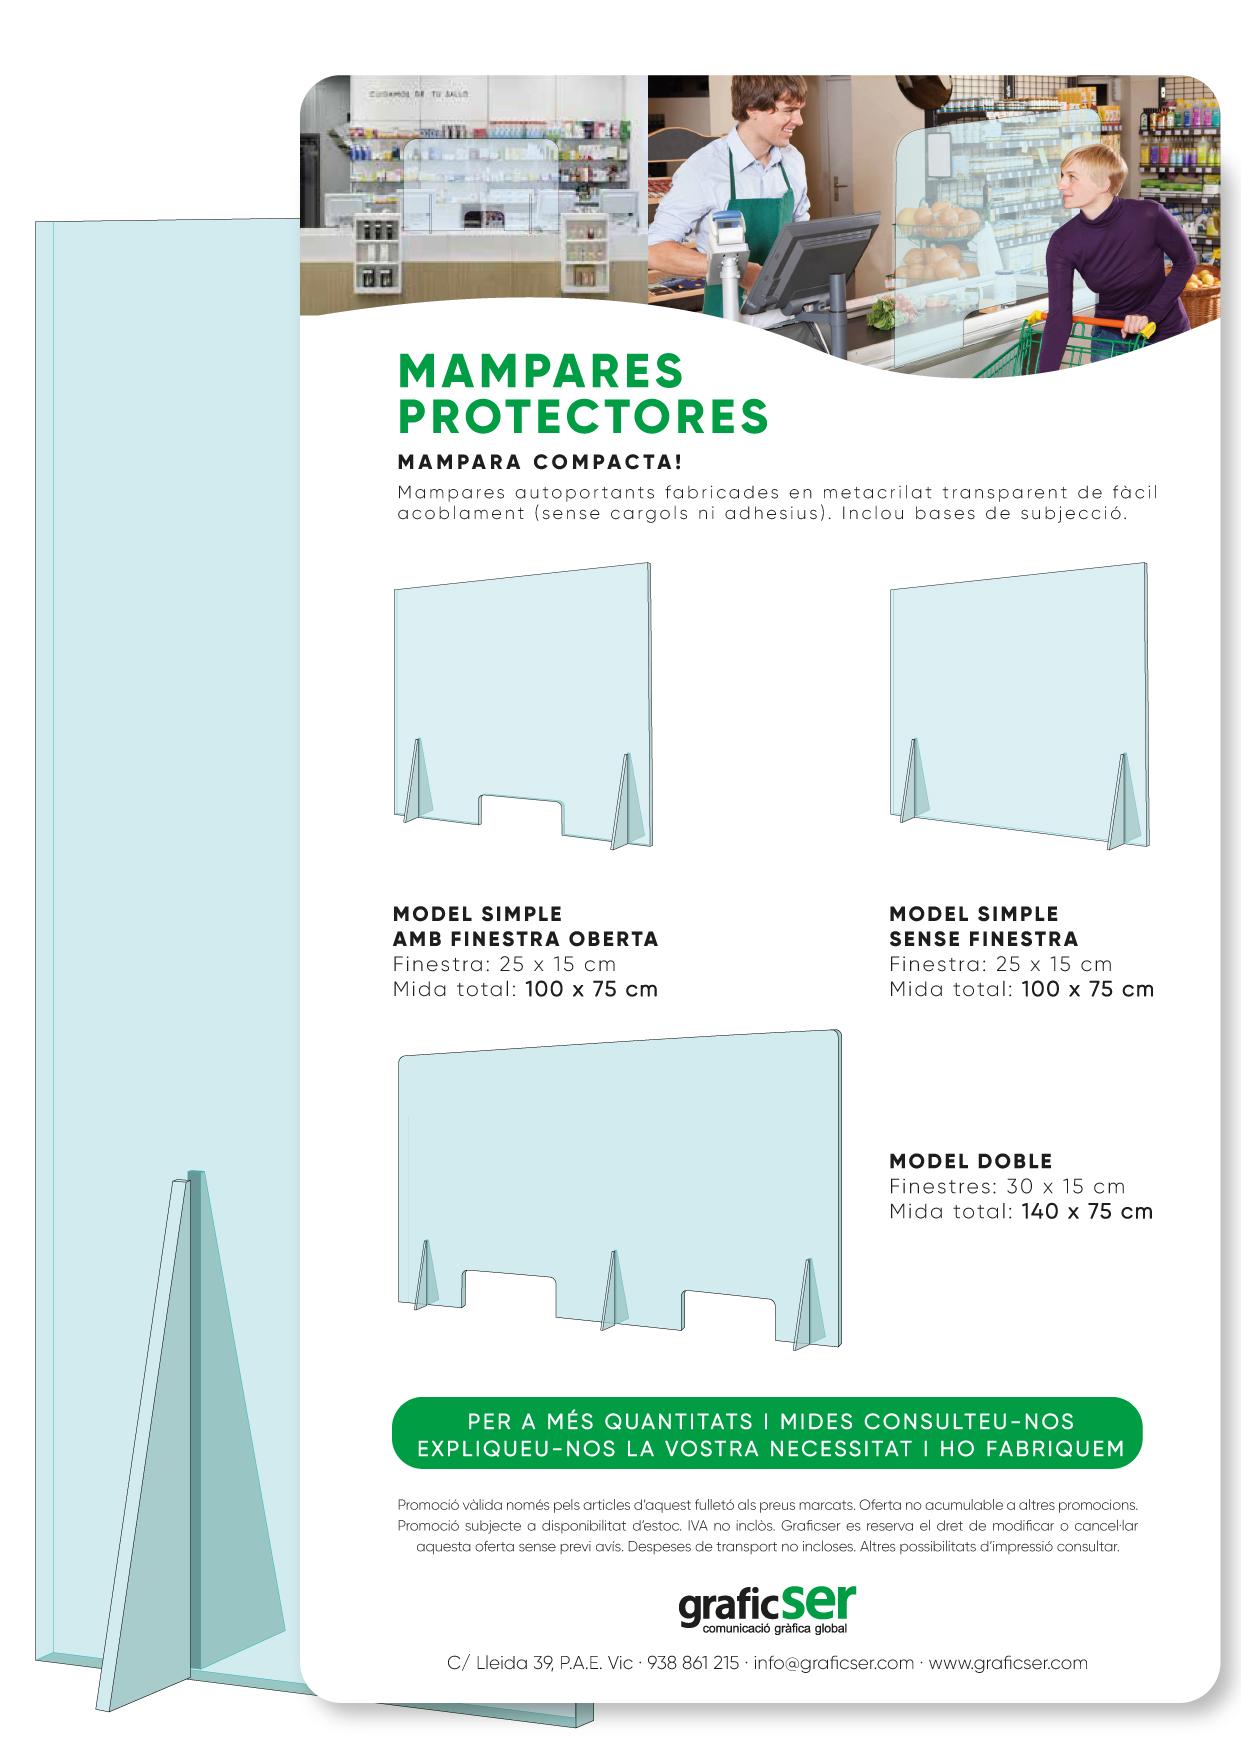 200504 MAMPARES PROTECTORES SEGURETAT COVID 19 X MAIL 1